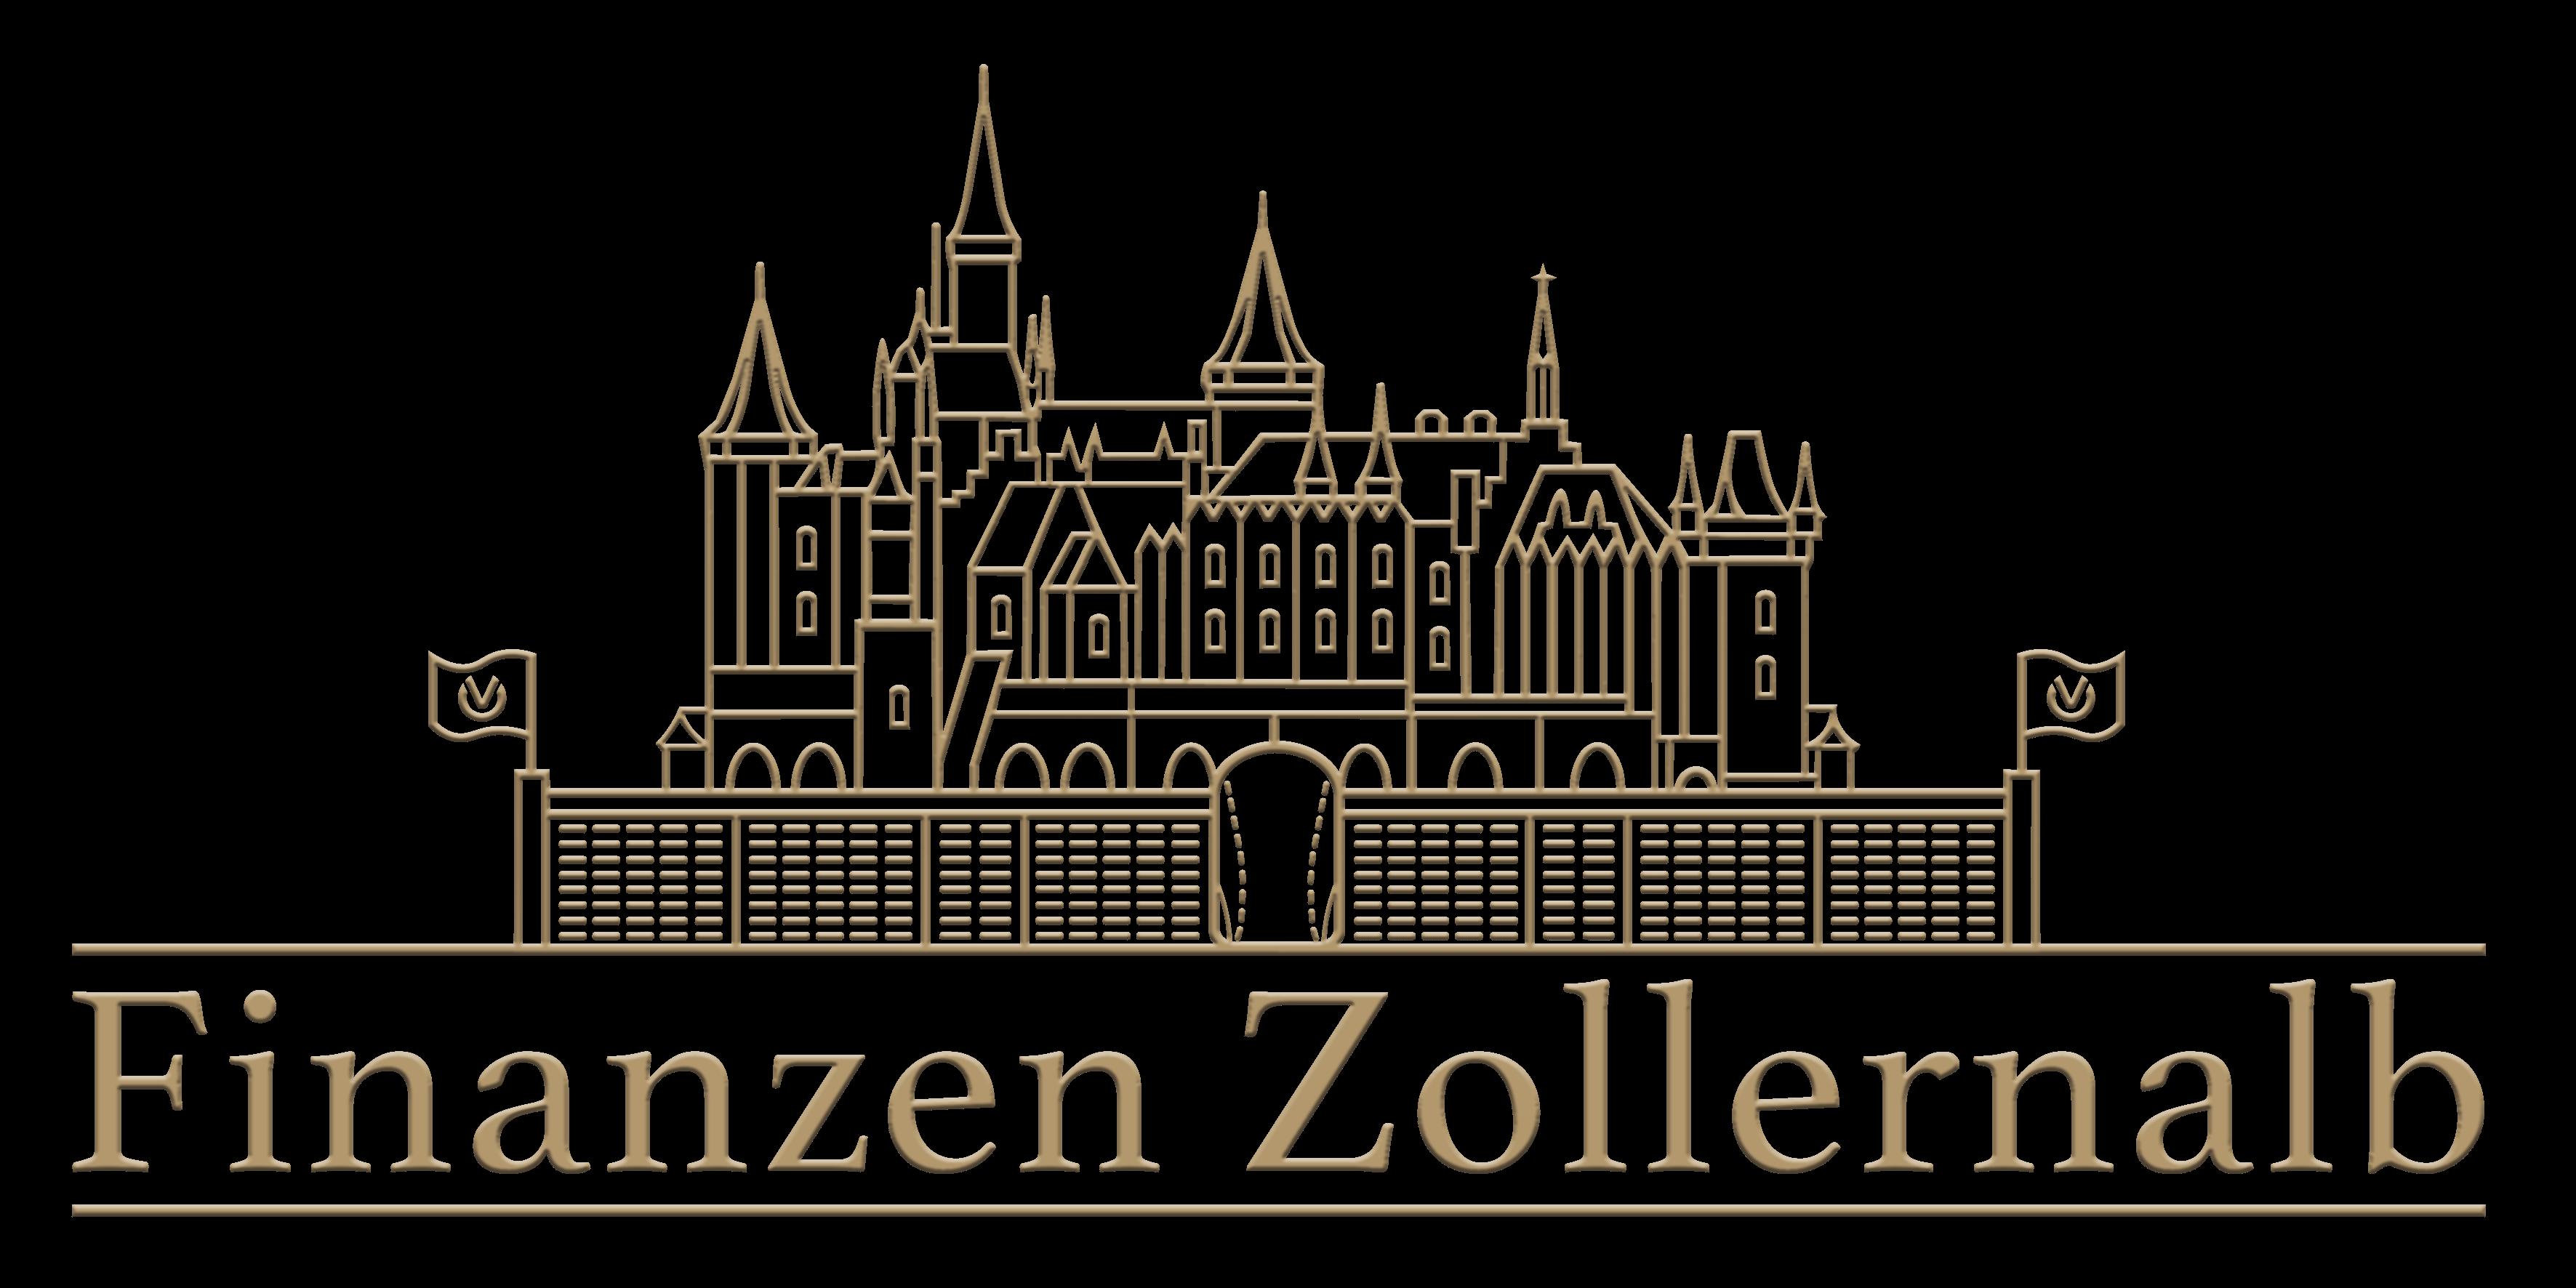 Finanzen Zollernalb Logo